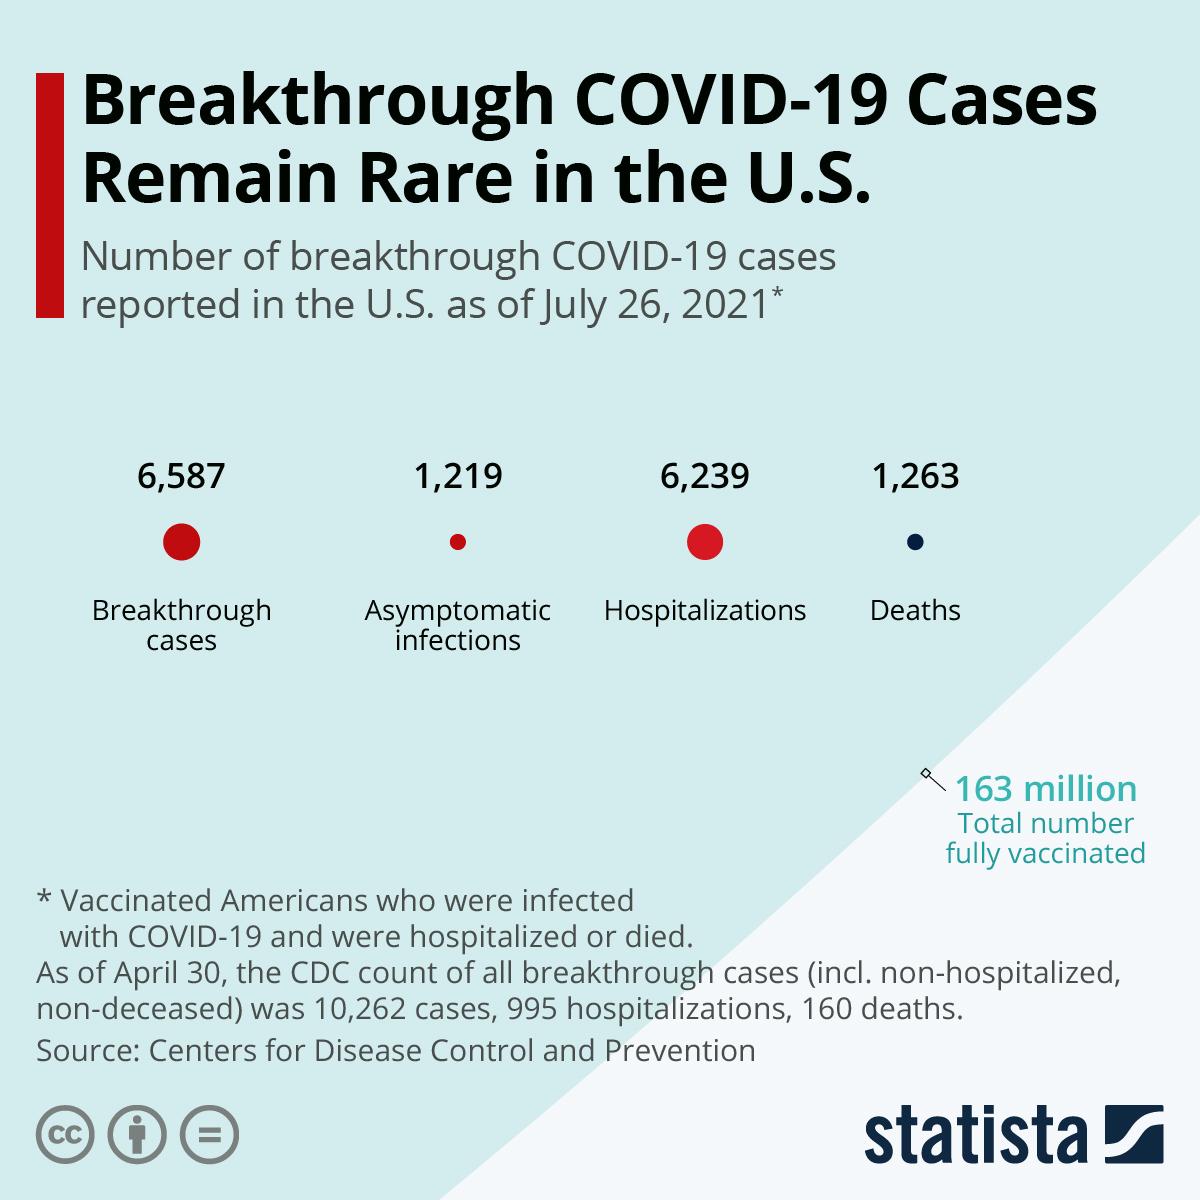 Breakthrough COVID-19 Cases Remain Rare In The U.S.